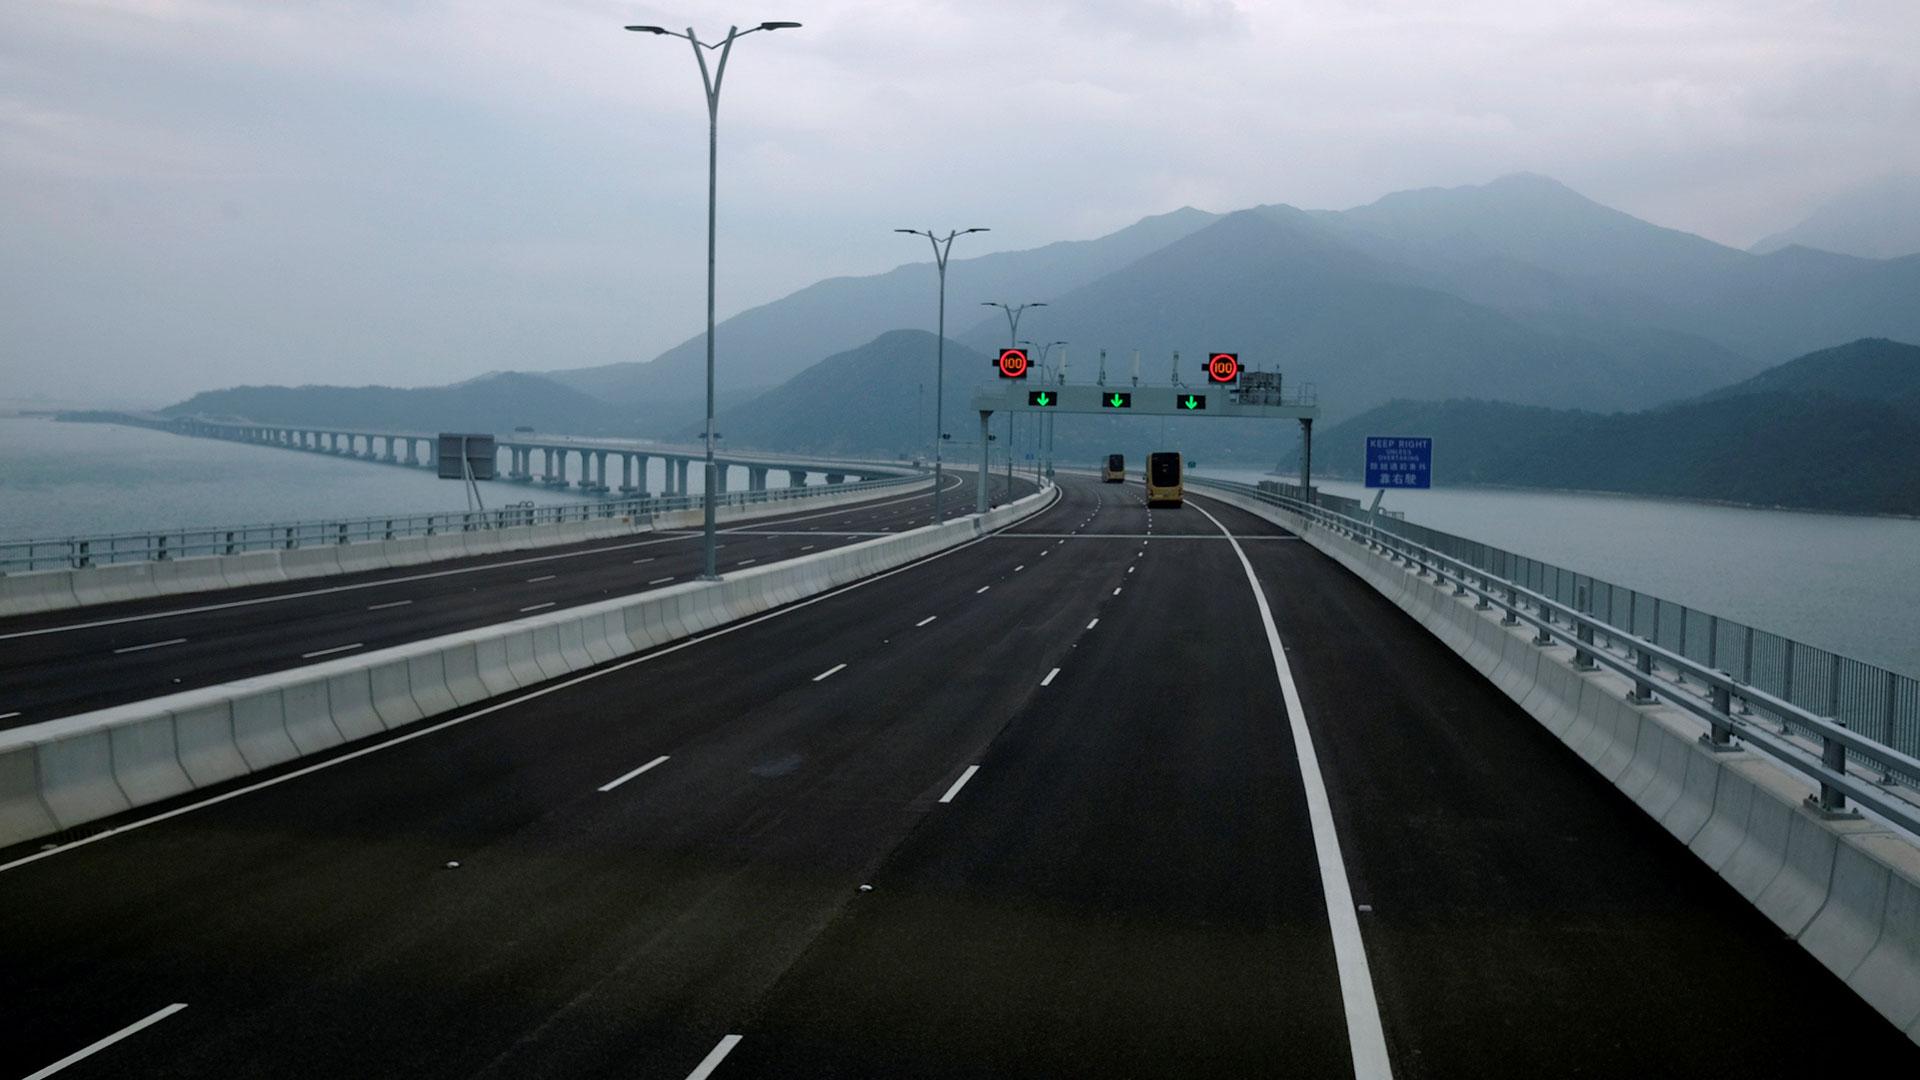 El puente ha sido muy criticado, sobre todo en Hong Kong, por las polémicas que acompañaron su construcción, que empezó en 2009, incluyendo retrasos y un presupuesto mucho mayor que el previsto inicialmente